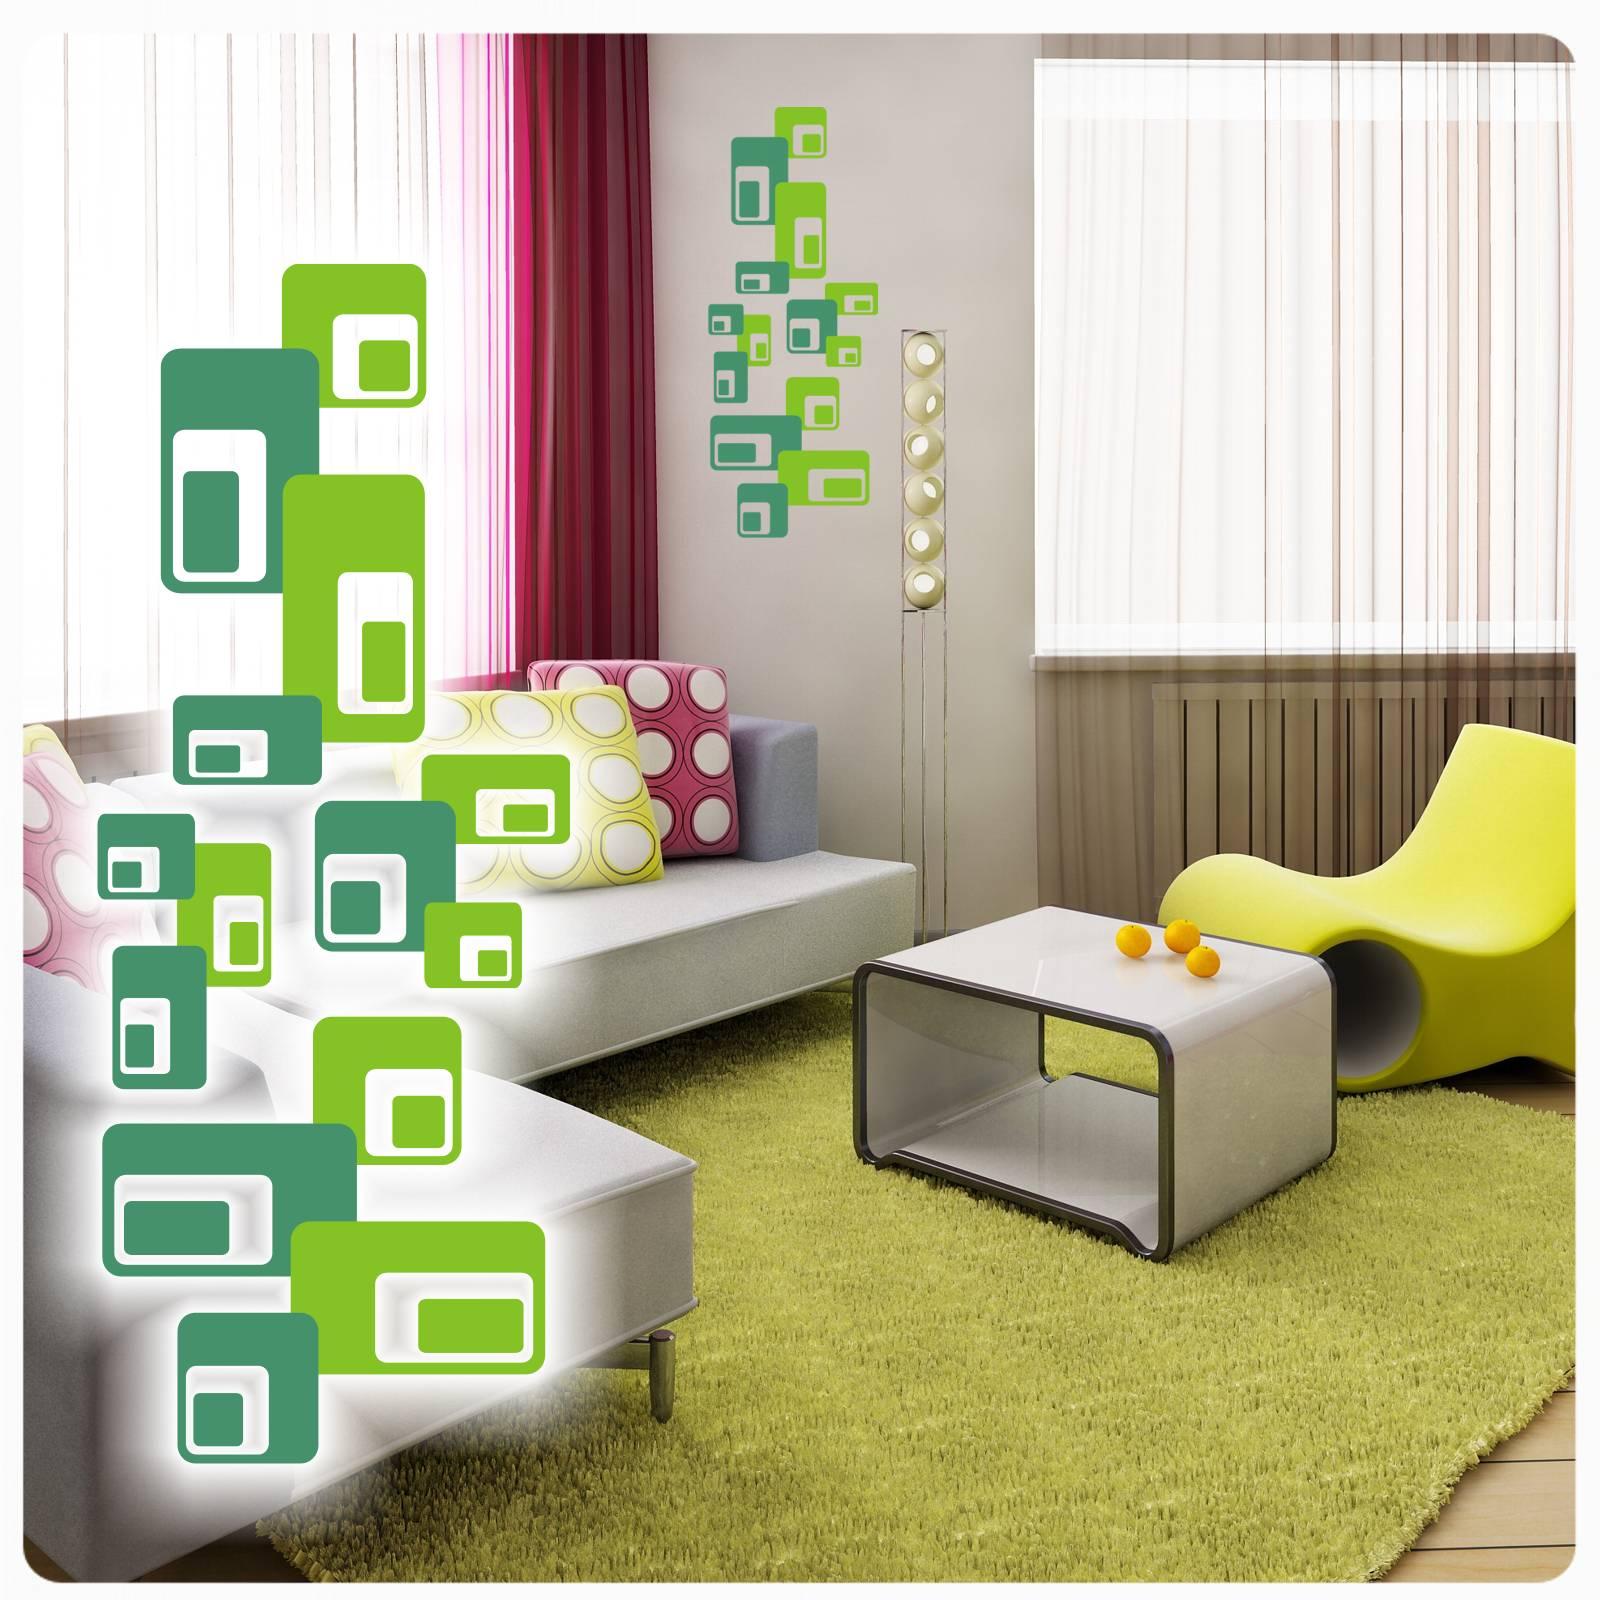 Retro cubes ecken vintage wandtattoo wandaufkleber for Bildmotive wohnzimmer